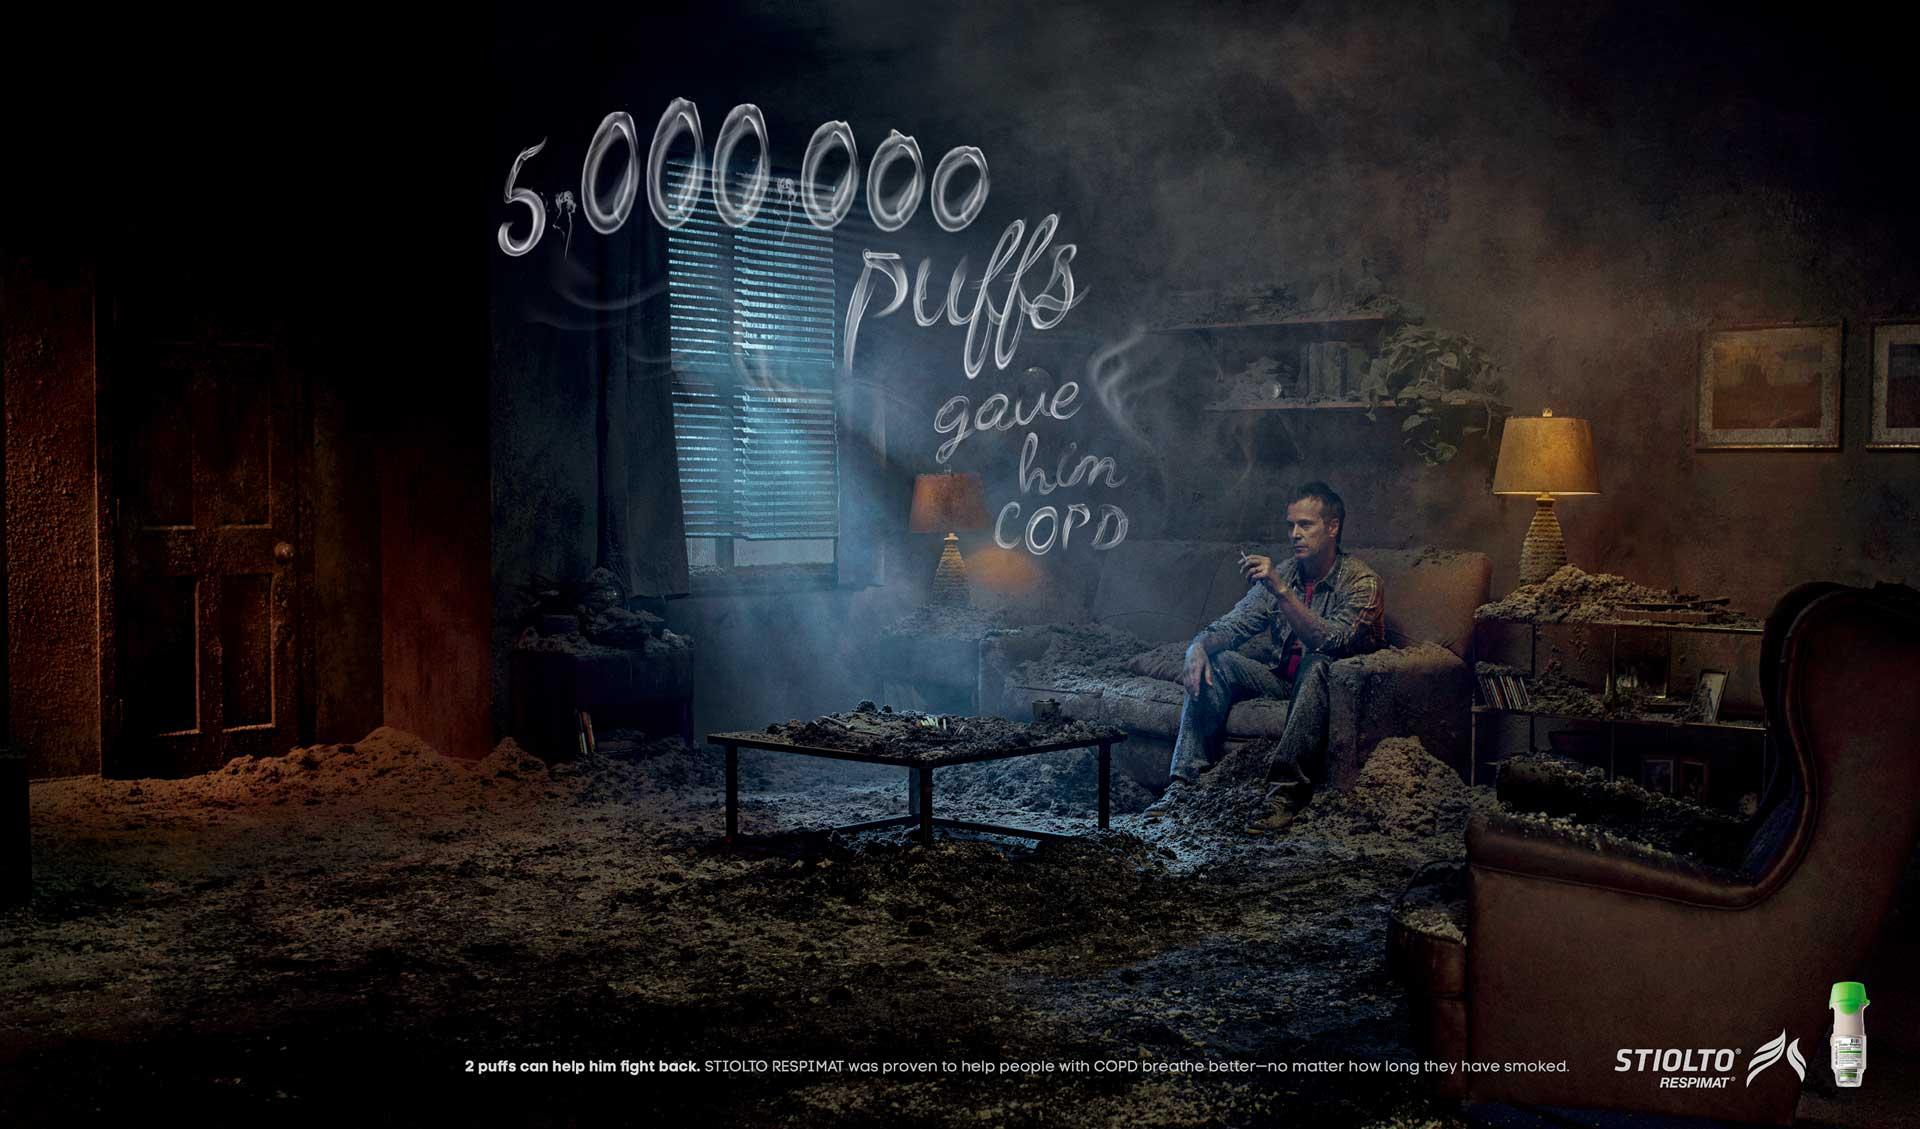 5 million Puffs